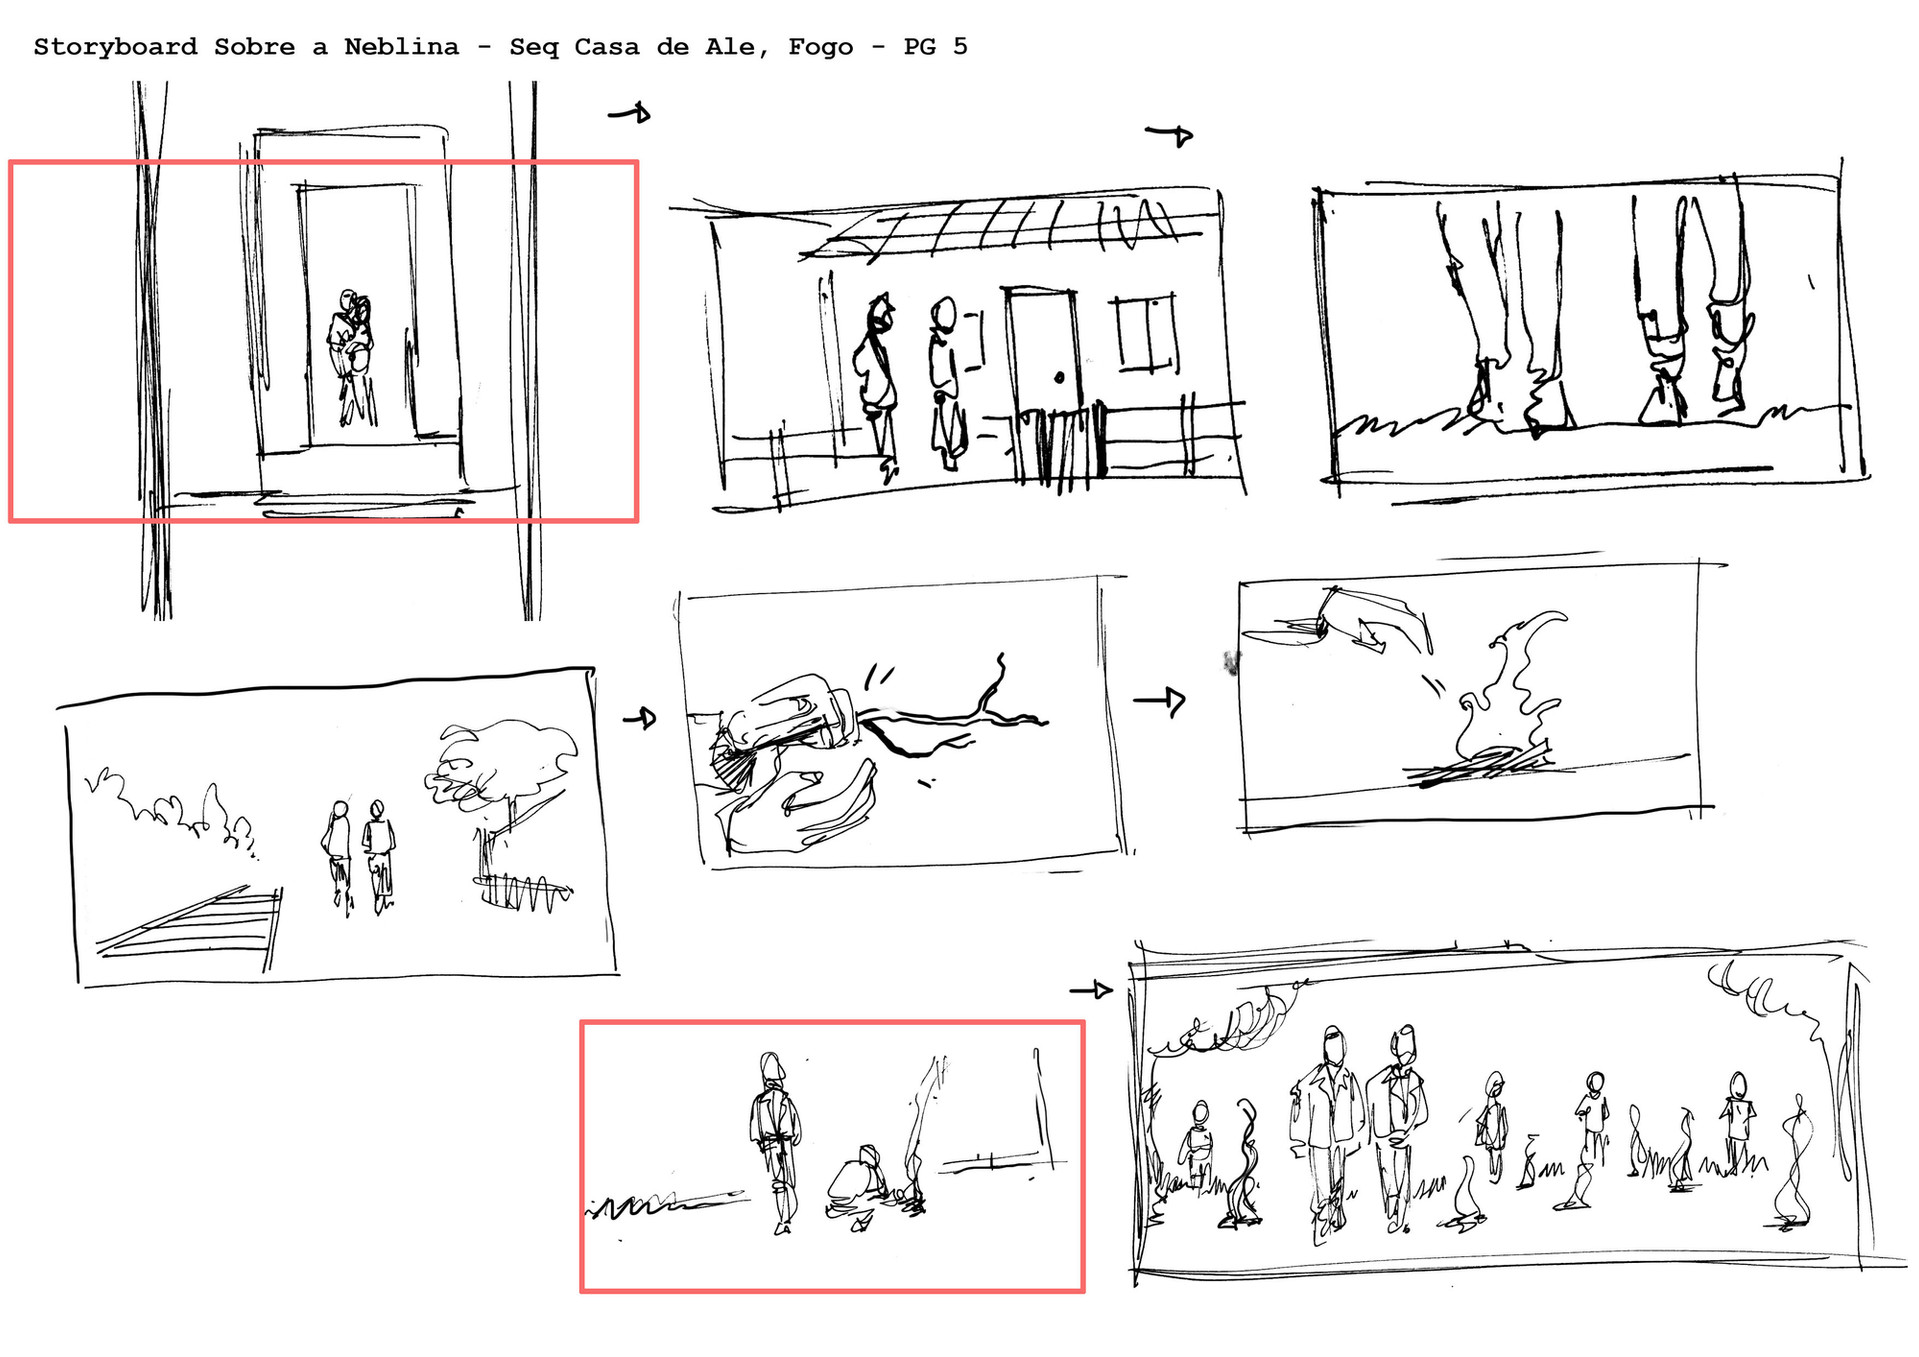 Storyboard_seq casa ale 5.jpg